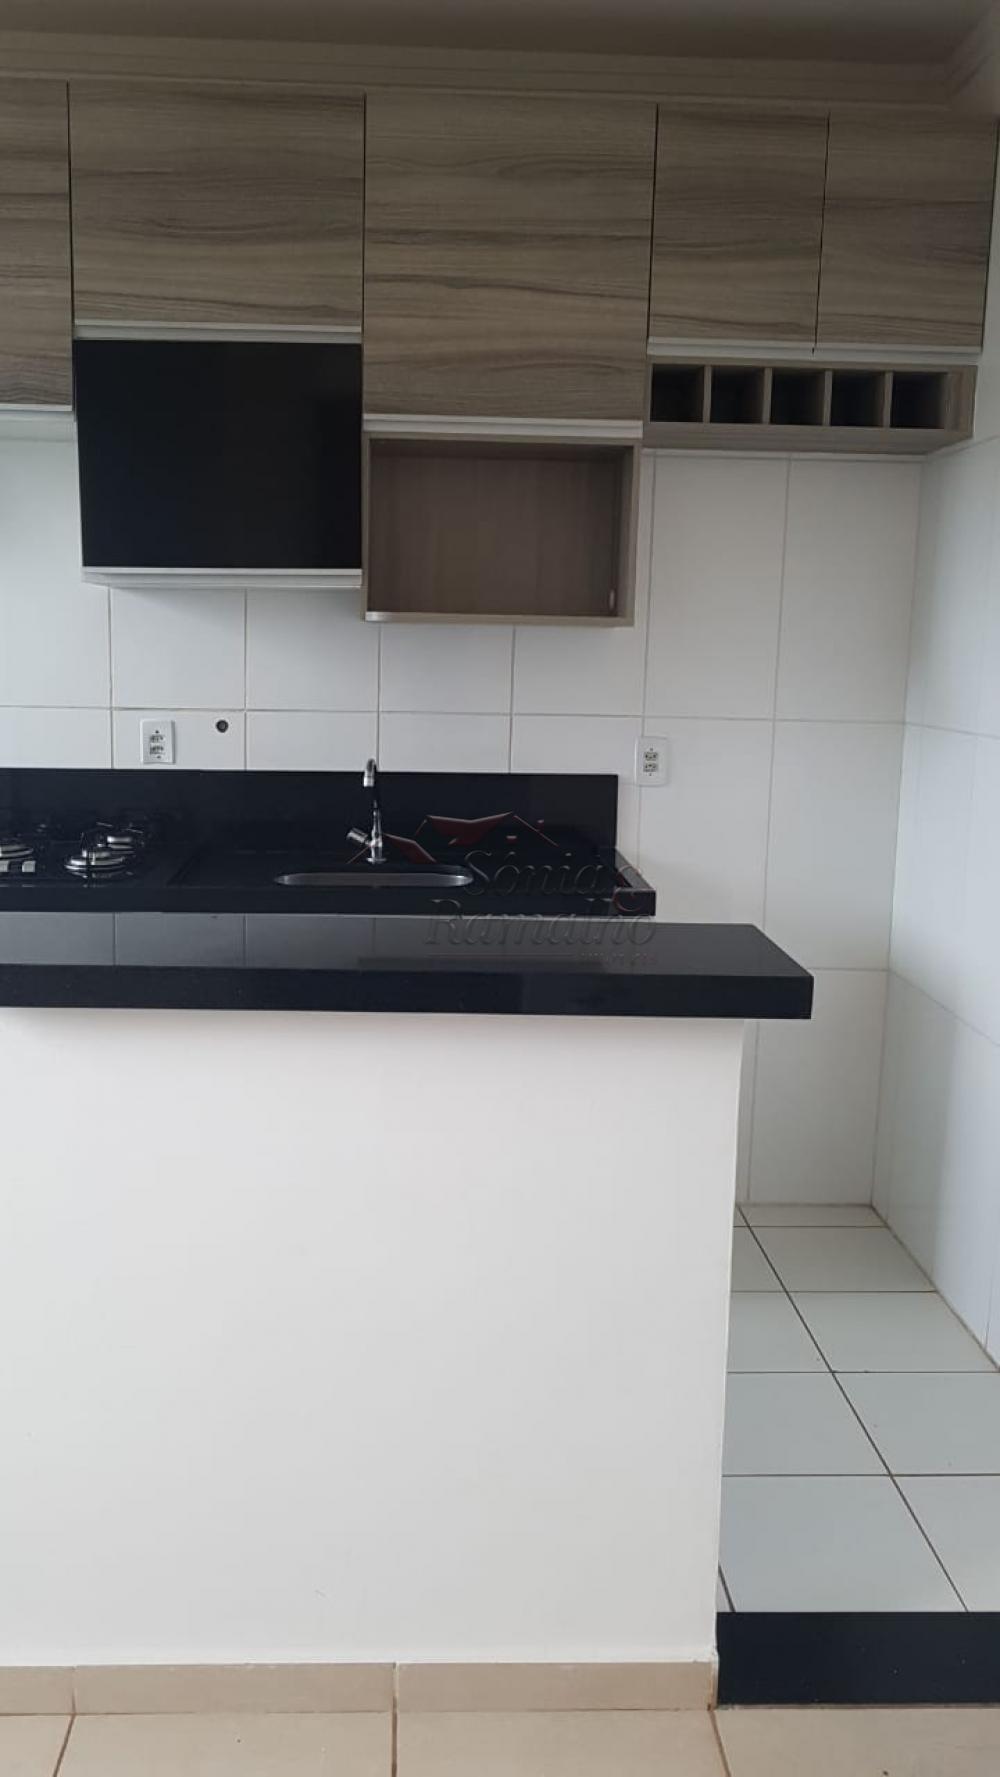 Alugar Apartamentos / Padrão em Ribeirão Preto apenas R$ 1.150,00 - Foto 6